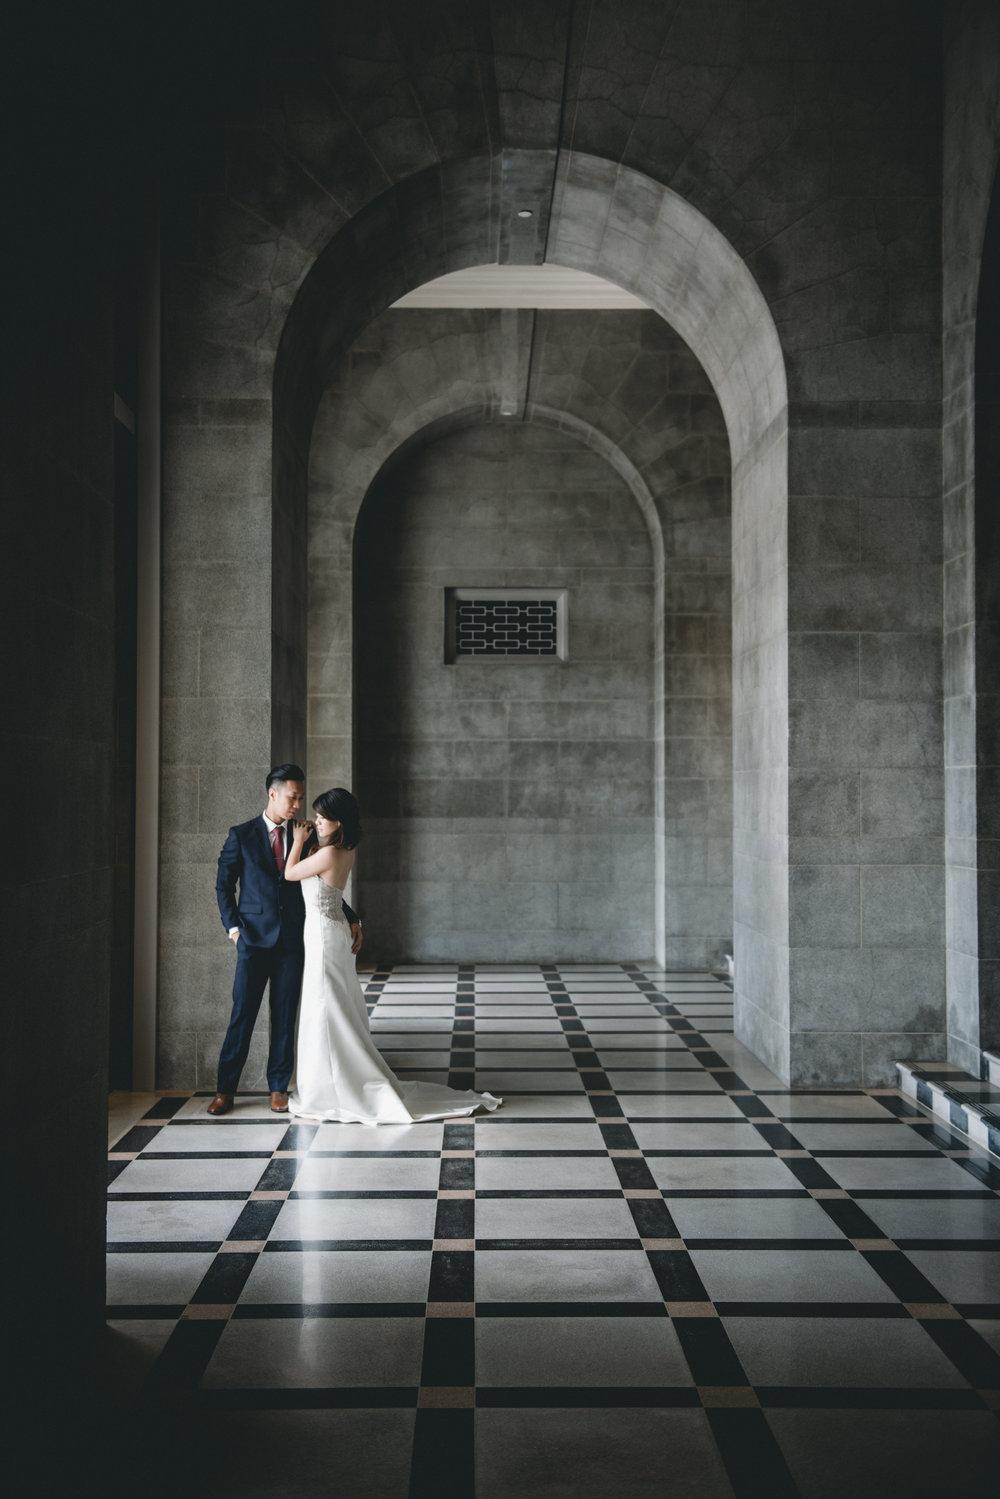 Wedding National Gallery 23a.JPG